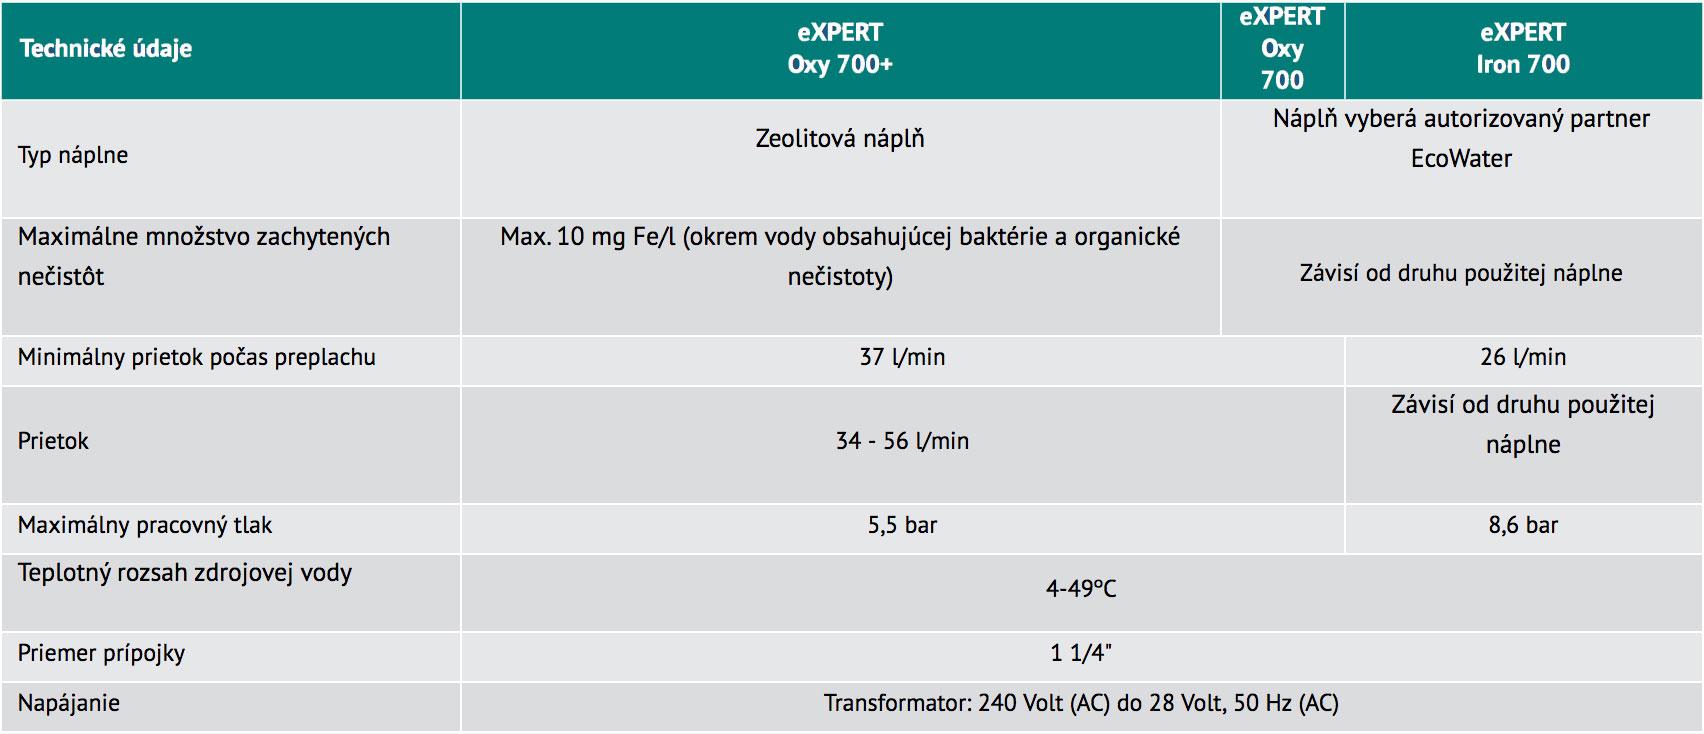 Technické údaje - ecowaters.sk 3c4fea465d1